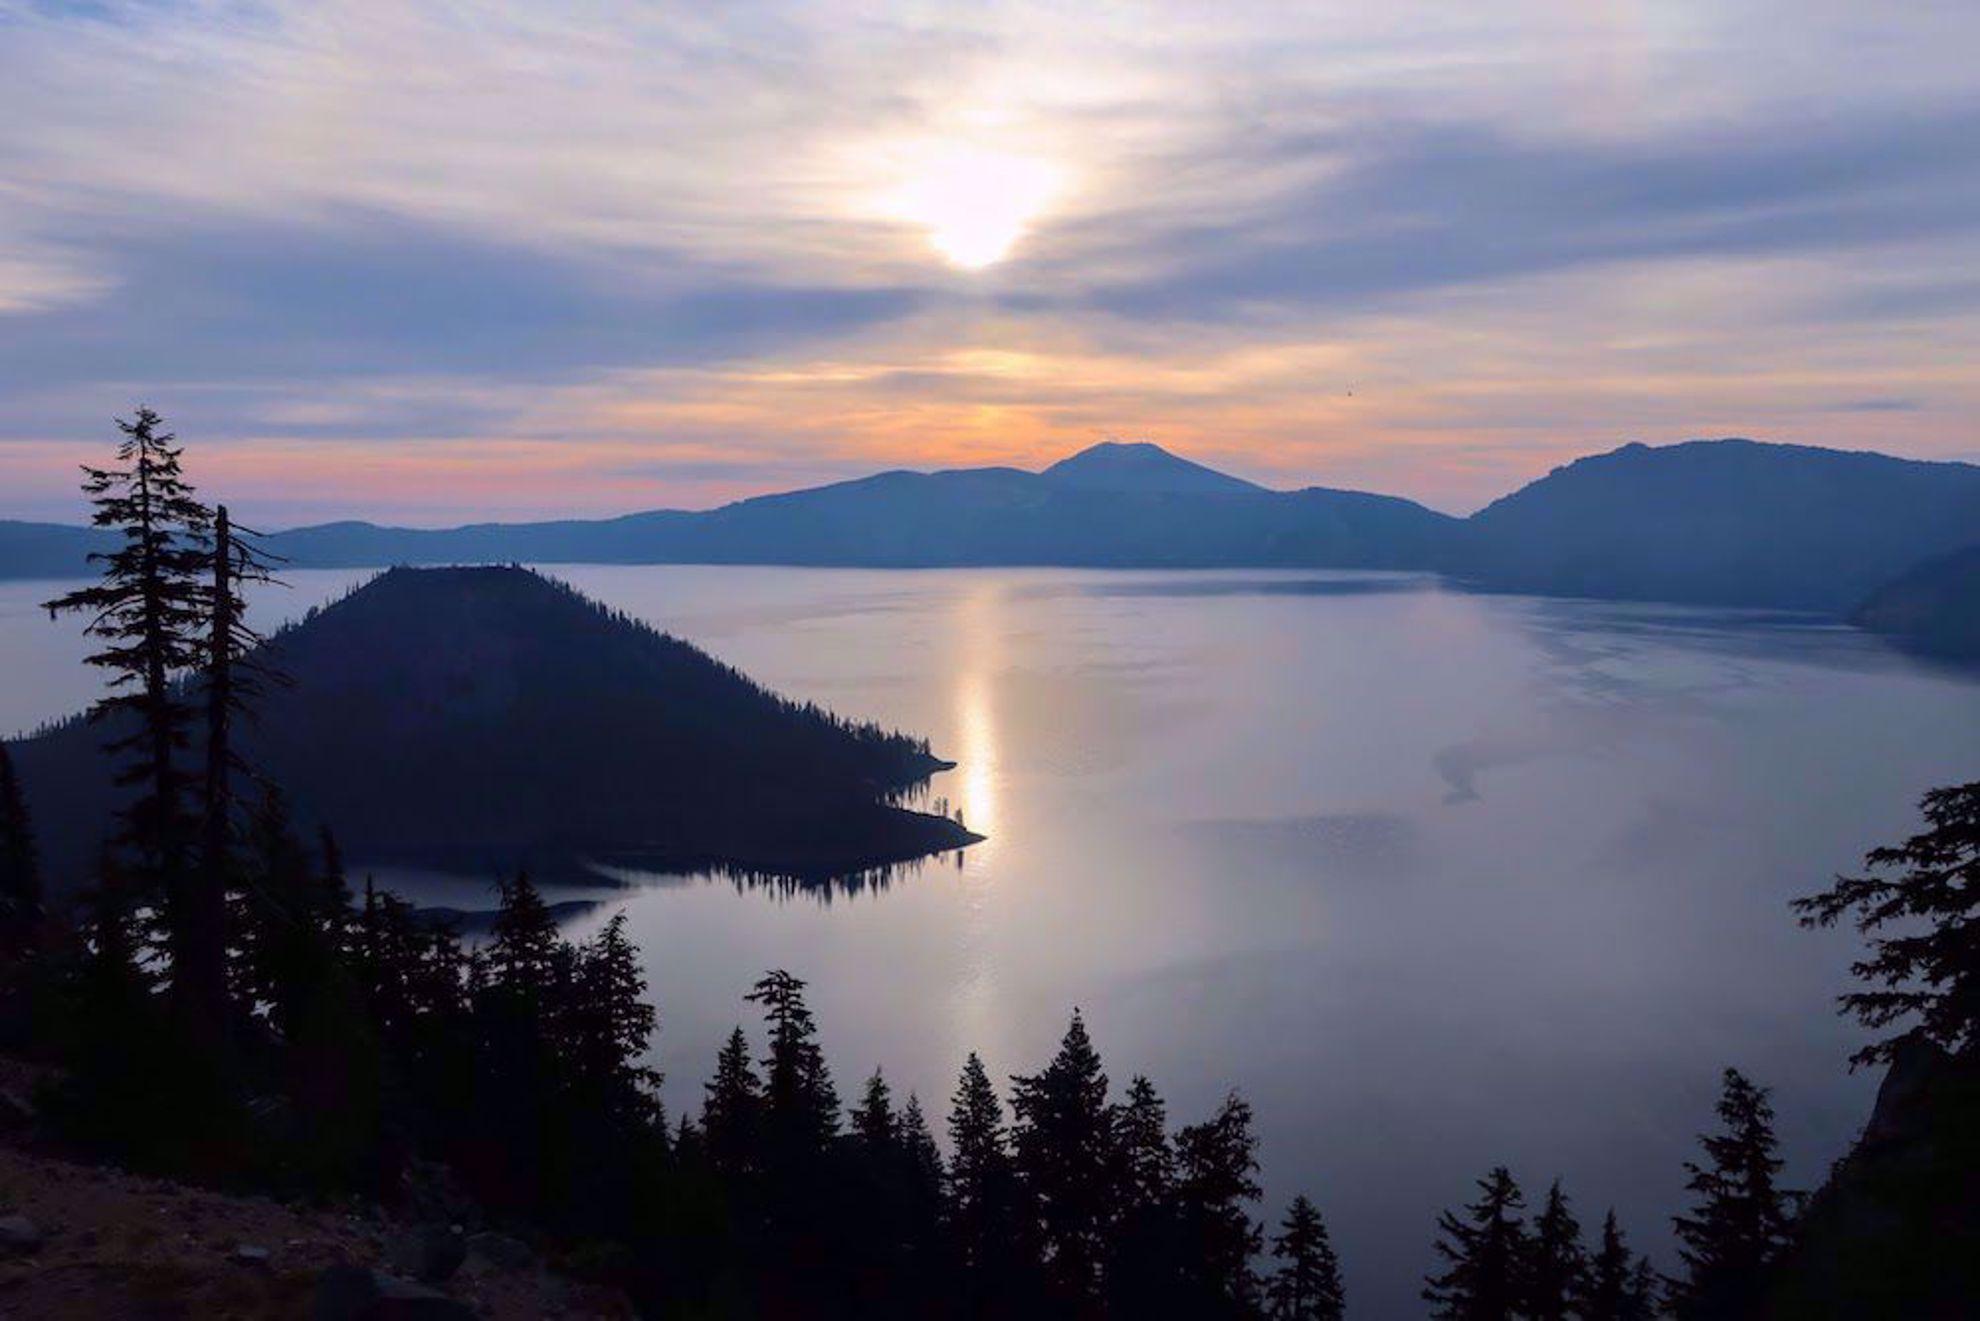 Sunrise on Crater Lake